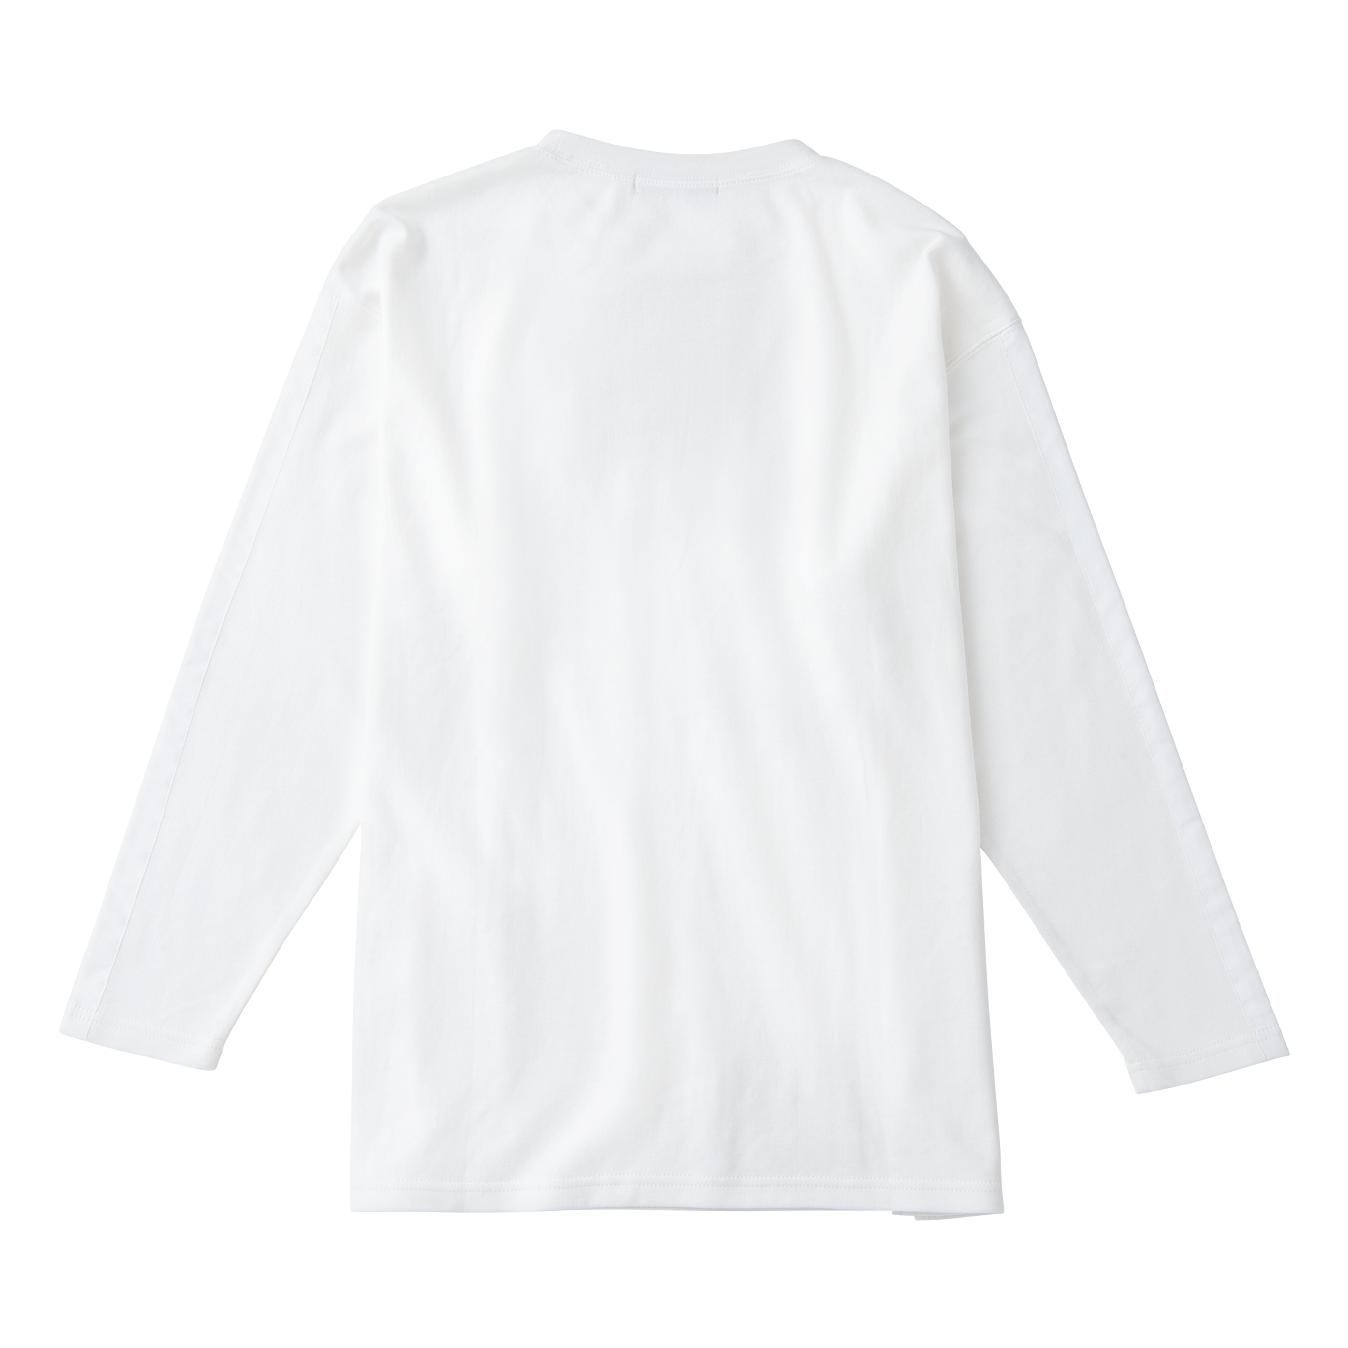 【景井ひなコラボモデル】 長袖ロゴTシャツ